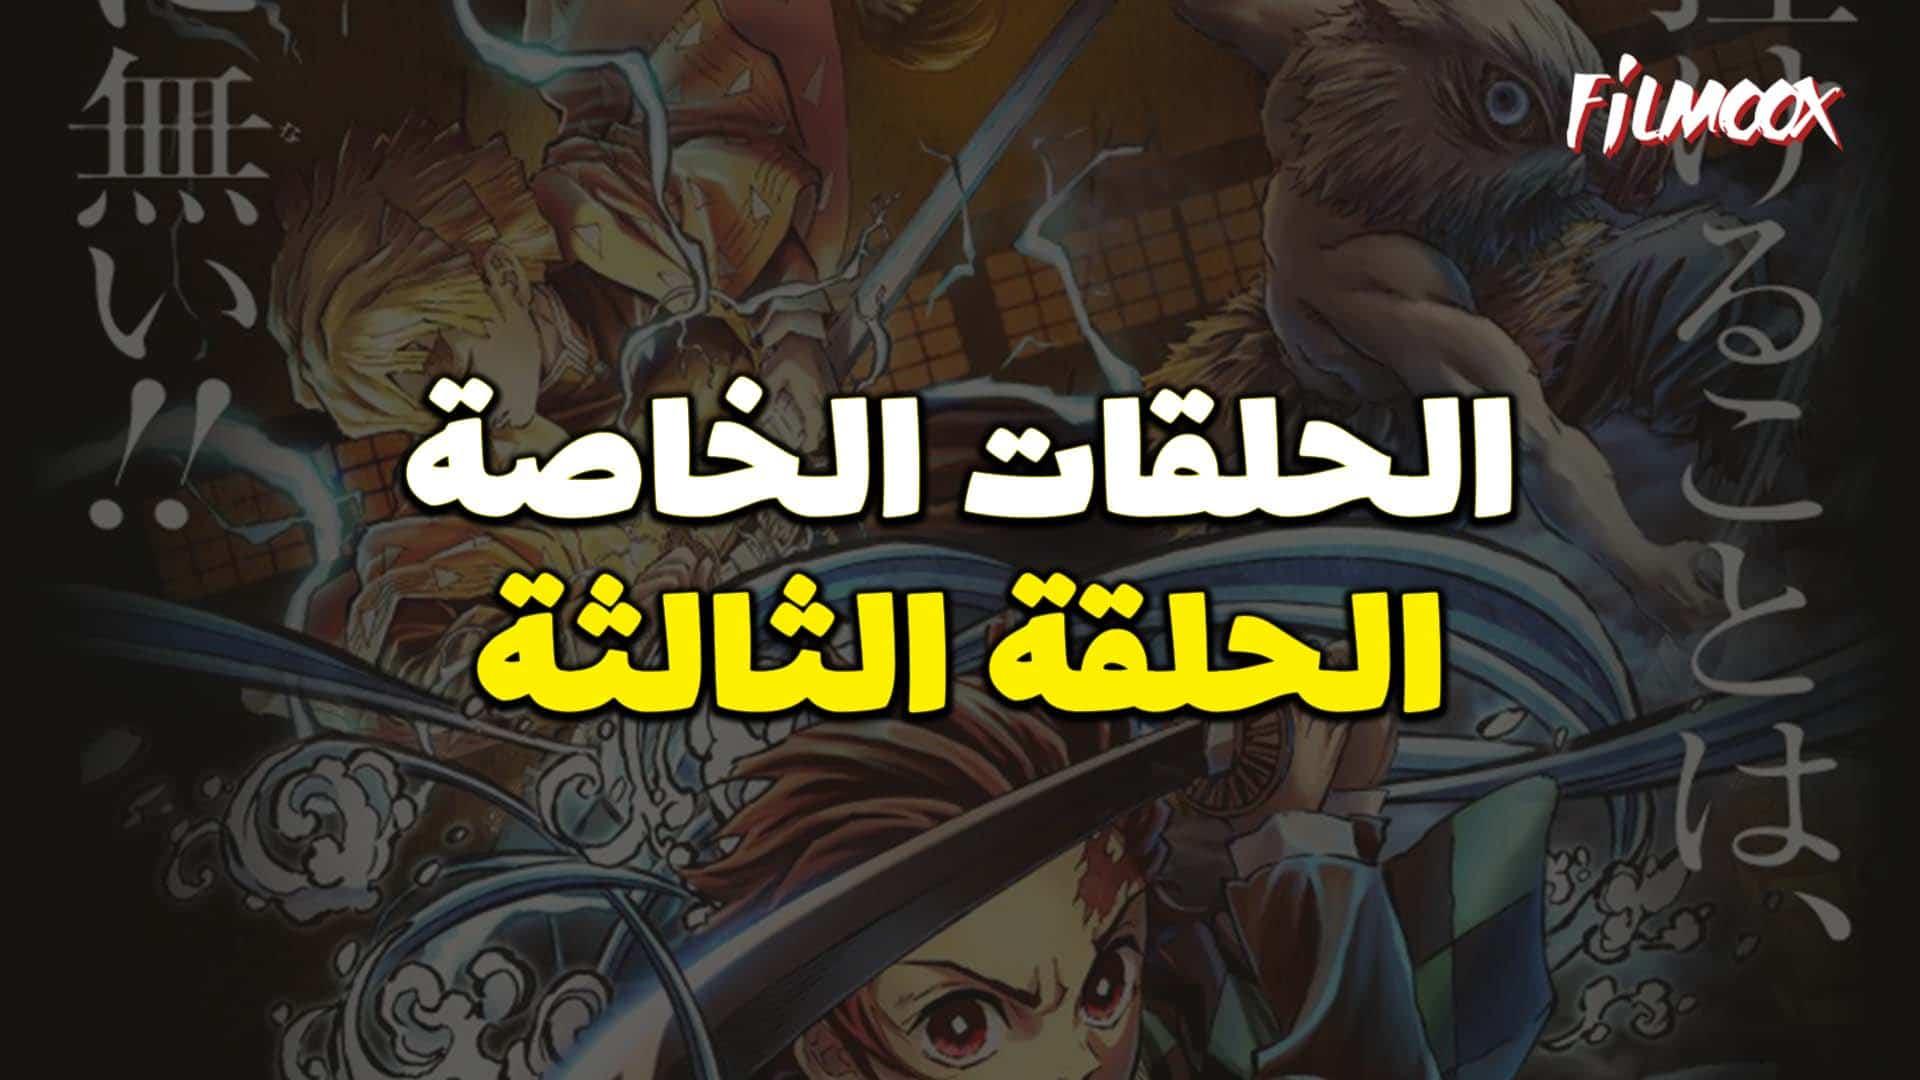 انمي قاتل الشياطين الموسم الاول الحلقة الخاصة 3 مترجم